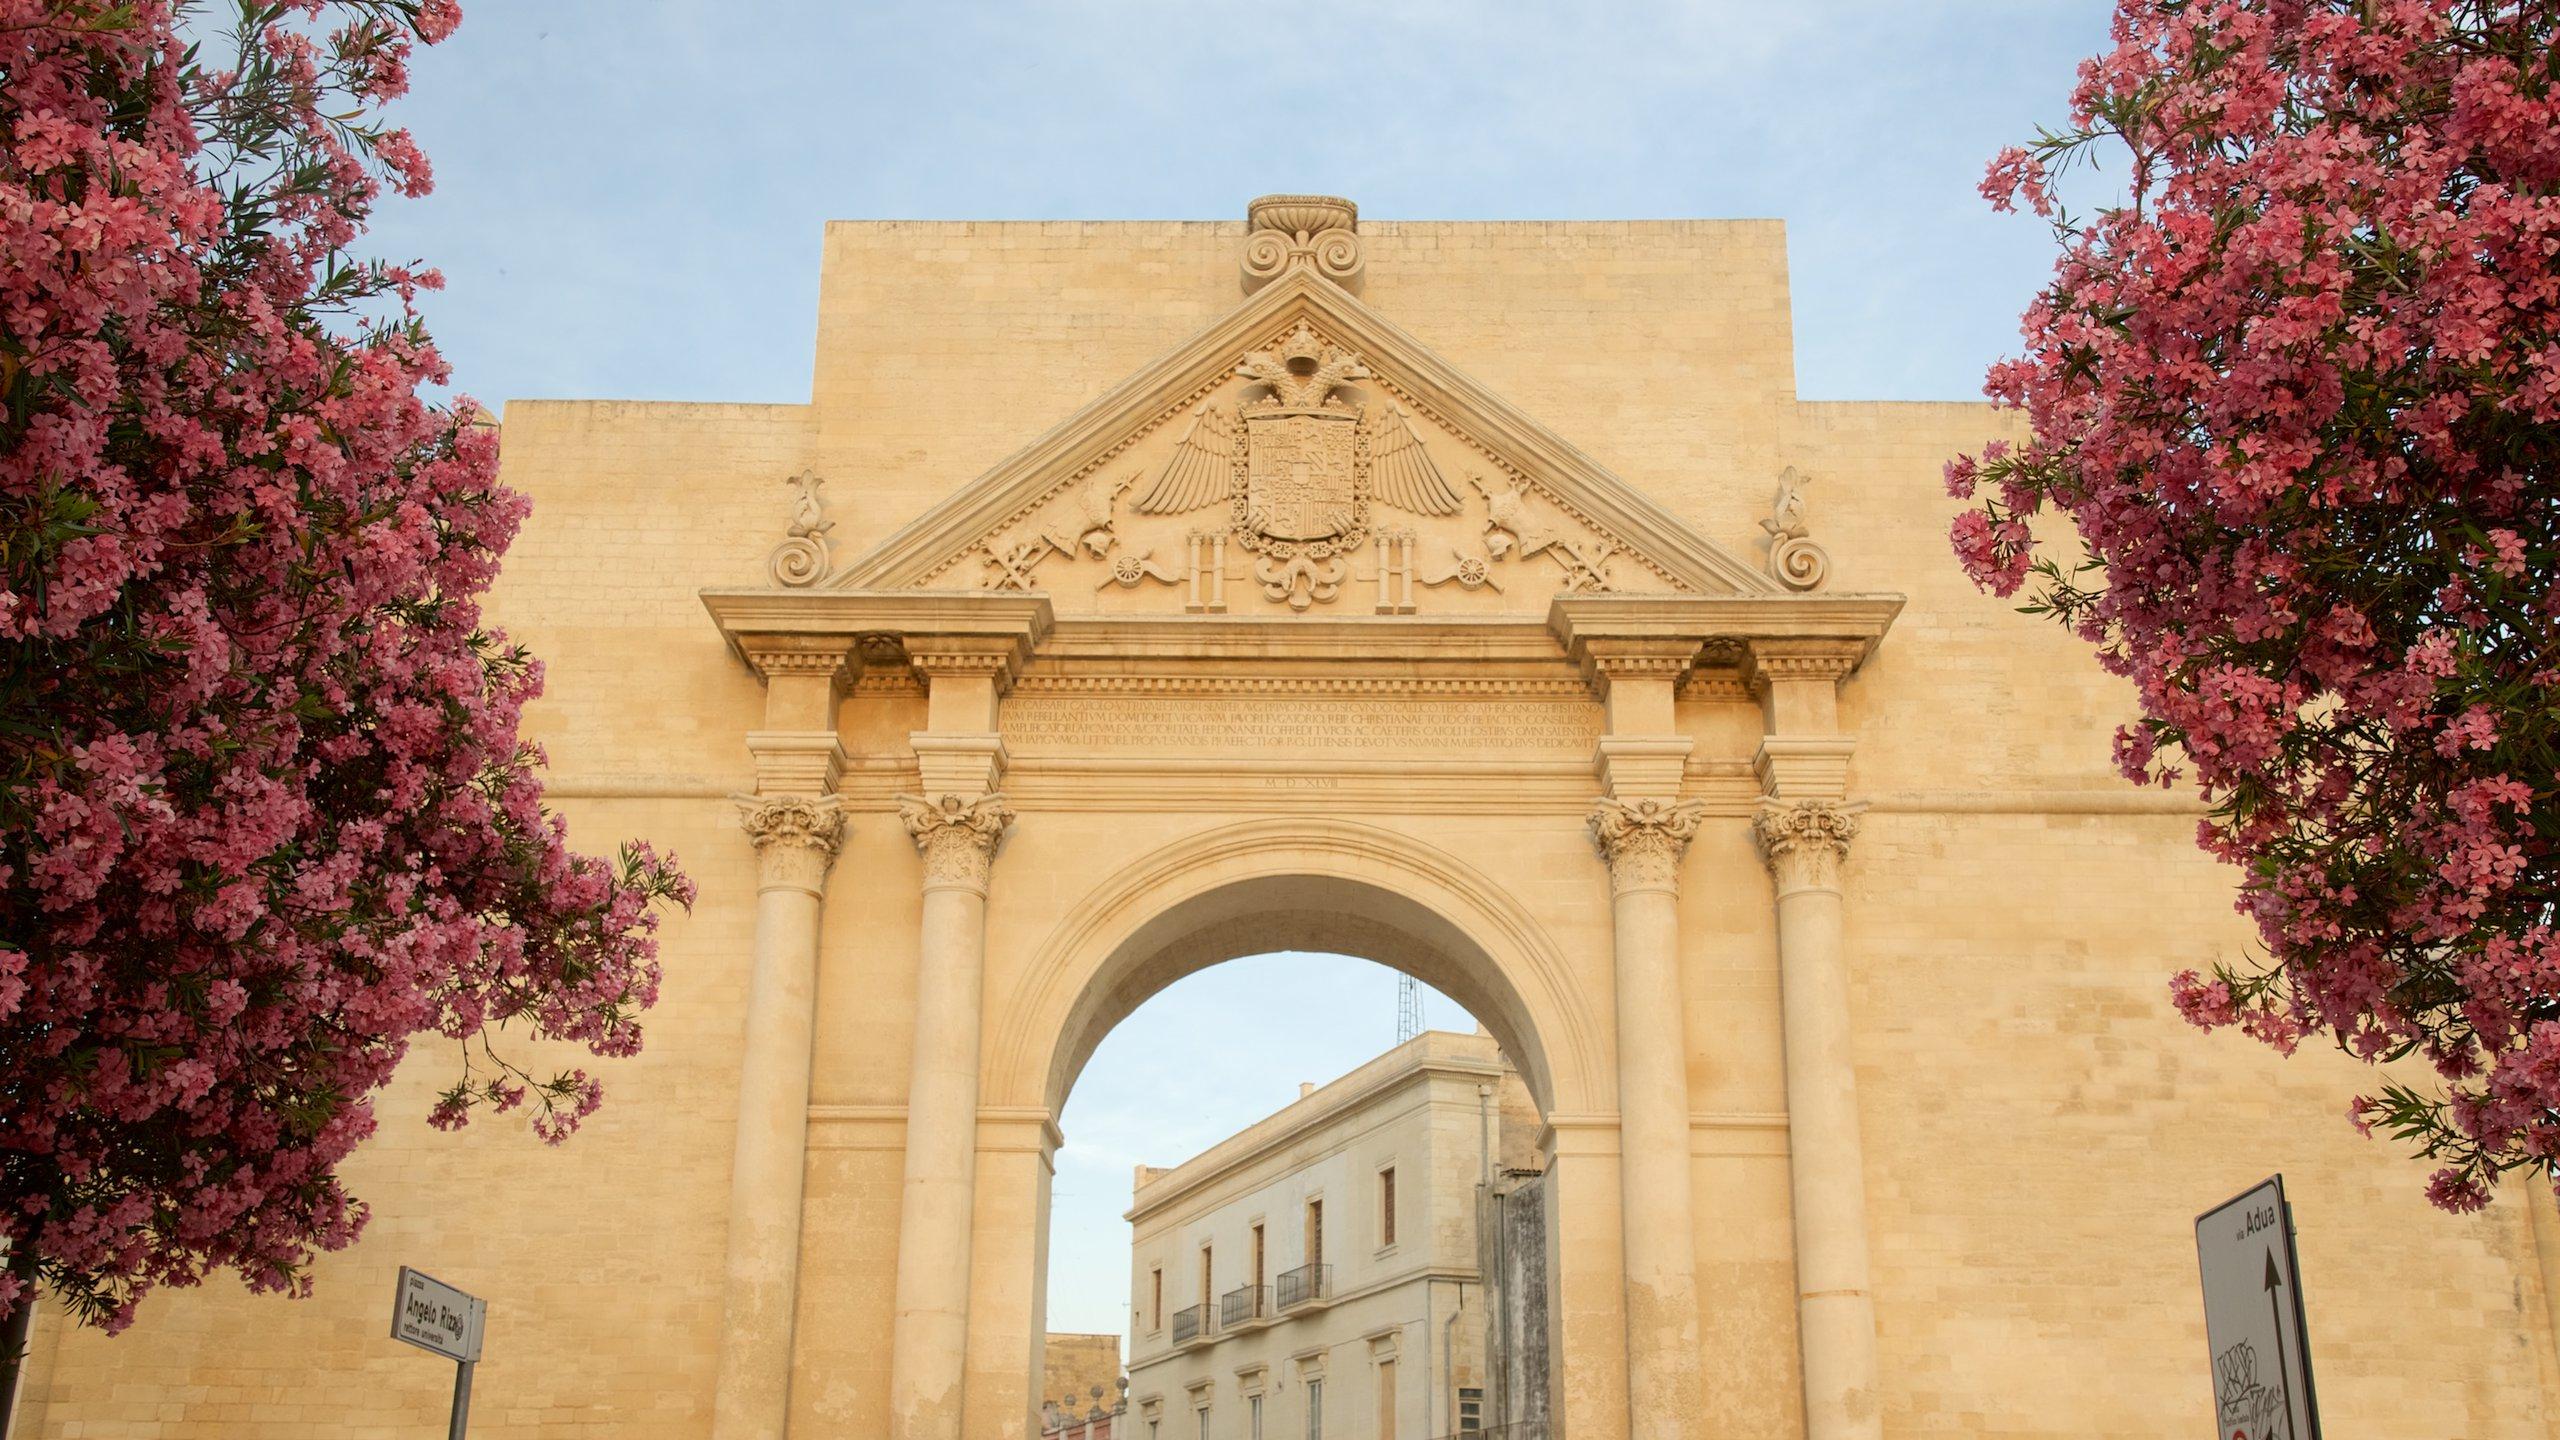 Porta Napoli, Lecce, Apulien, Italien